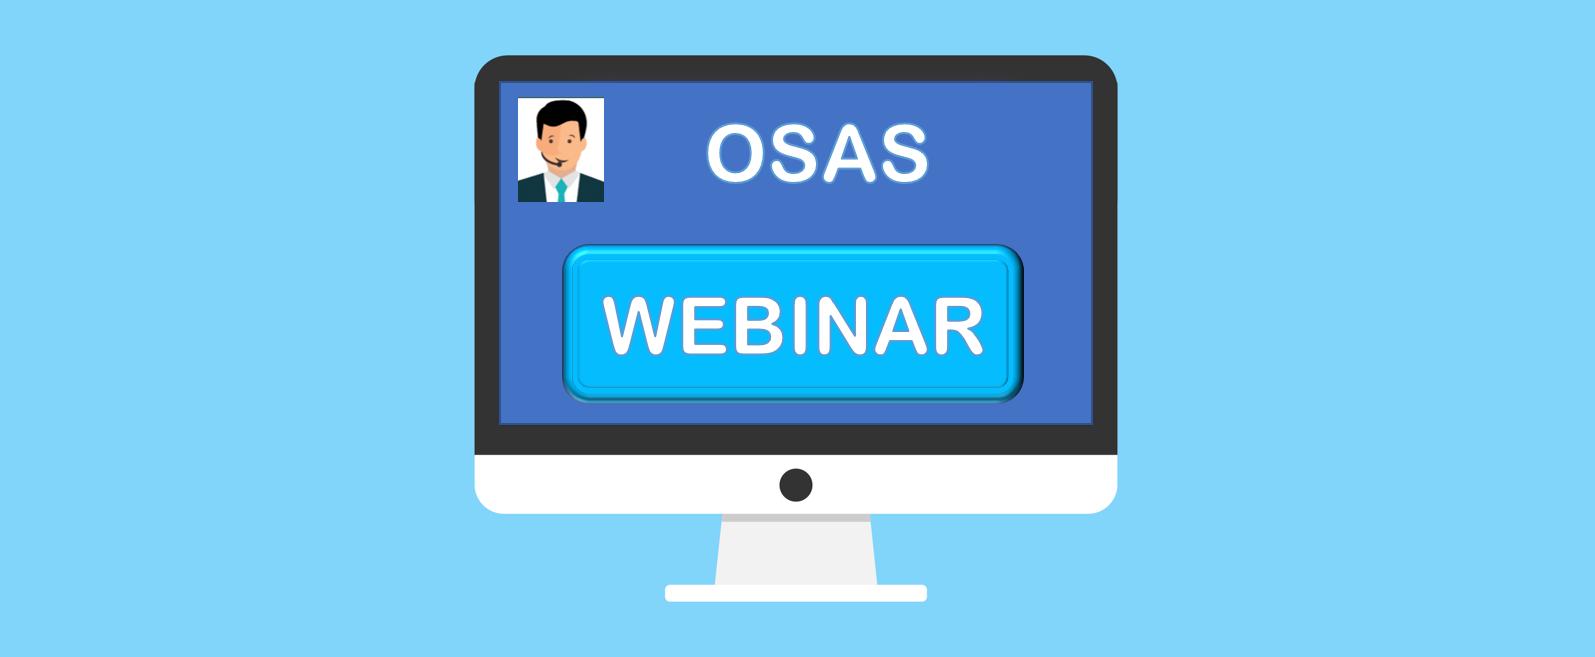 WEBINAR Convegno online OSAS | sabato 19 settembre 2020